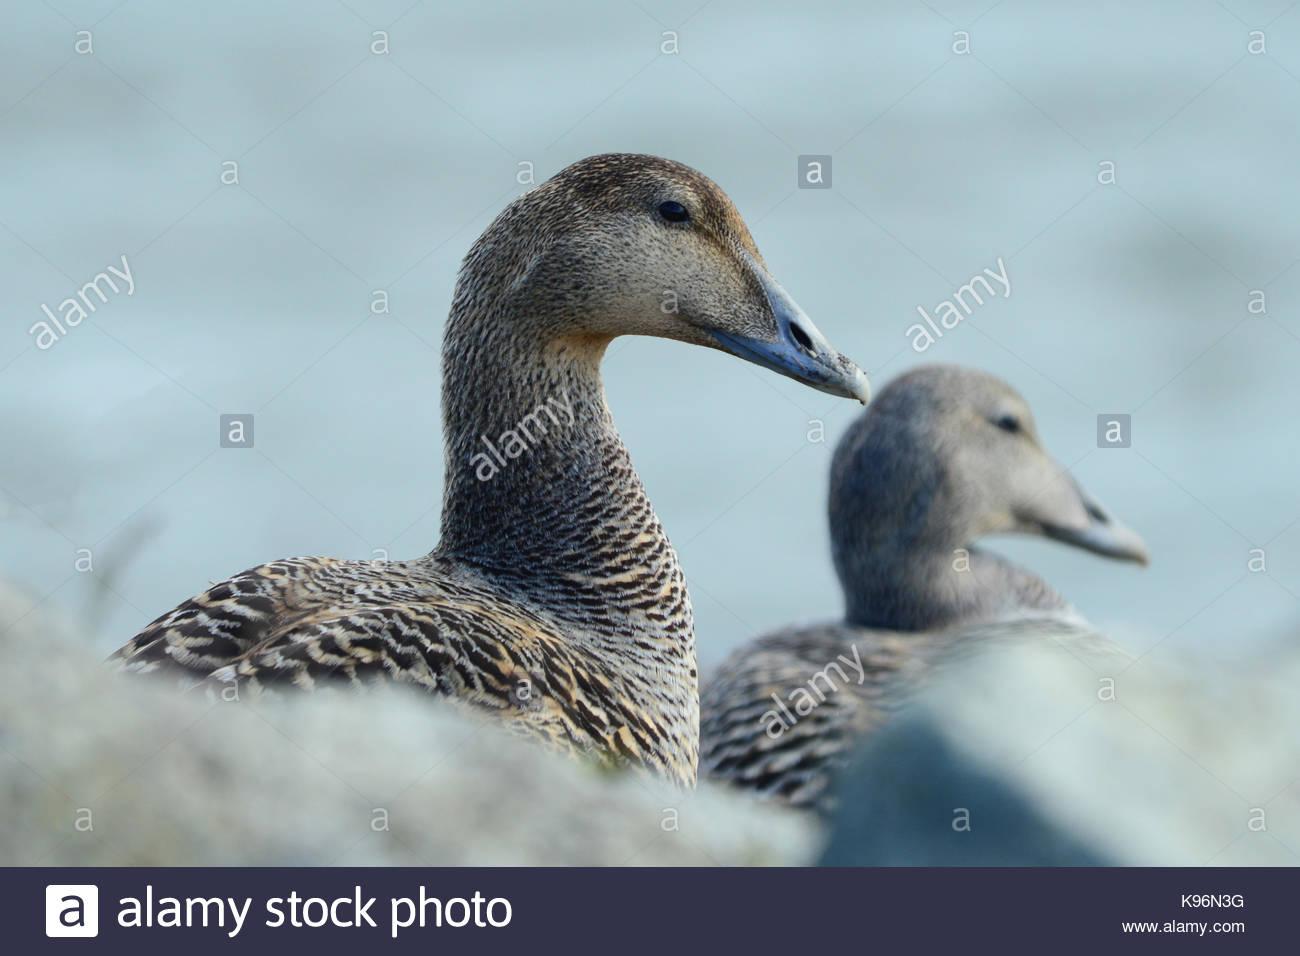 Una femmina di eider duck, Somateria mollissima. Immagini Stock